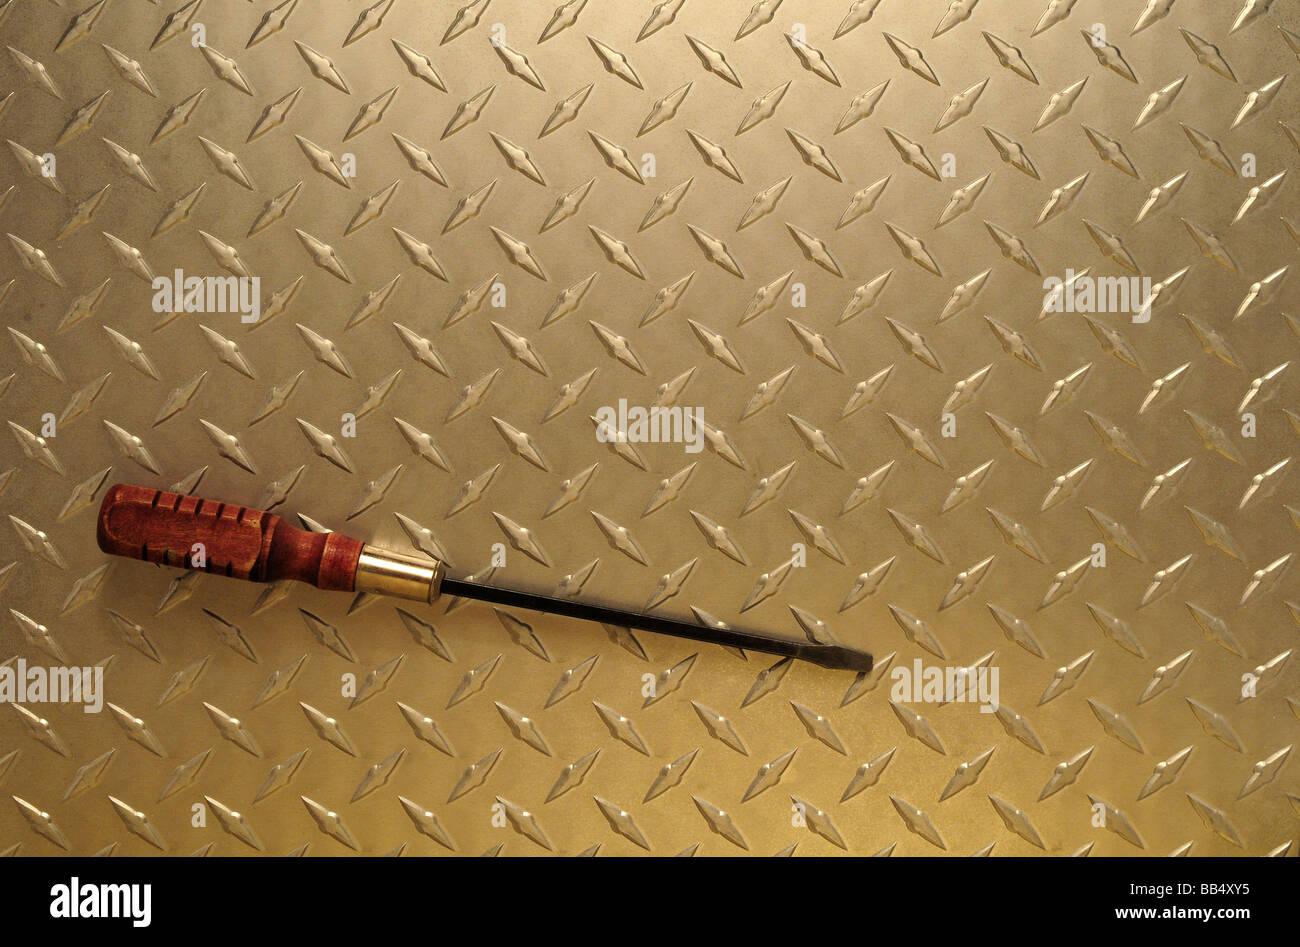 Destornillador sobre fondo de acero Placa de diamante Imagen De Stock